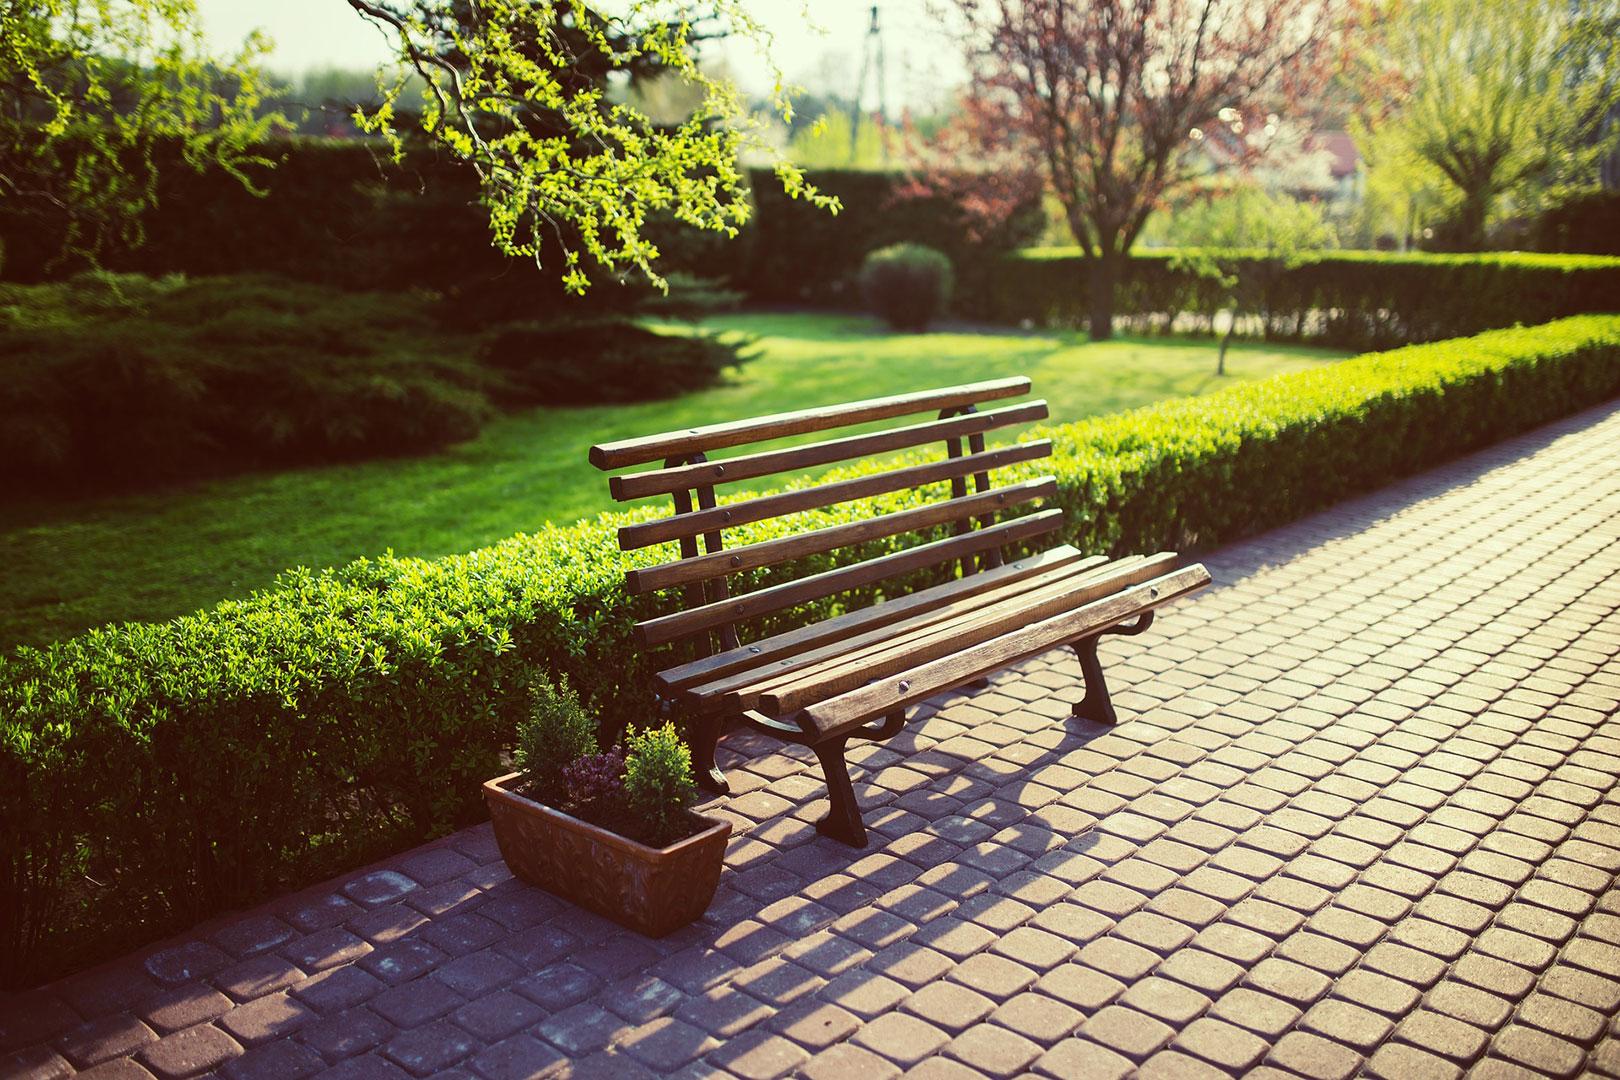 Kreiere deinen eigenen Garten Eden mitten in der City